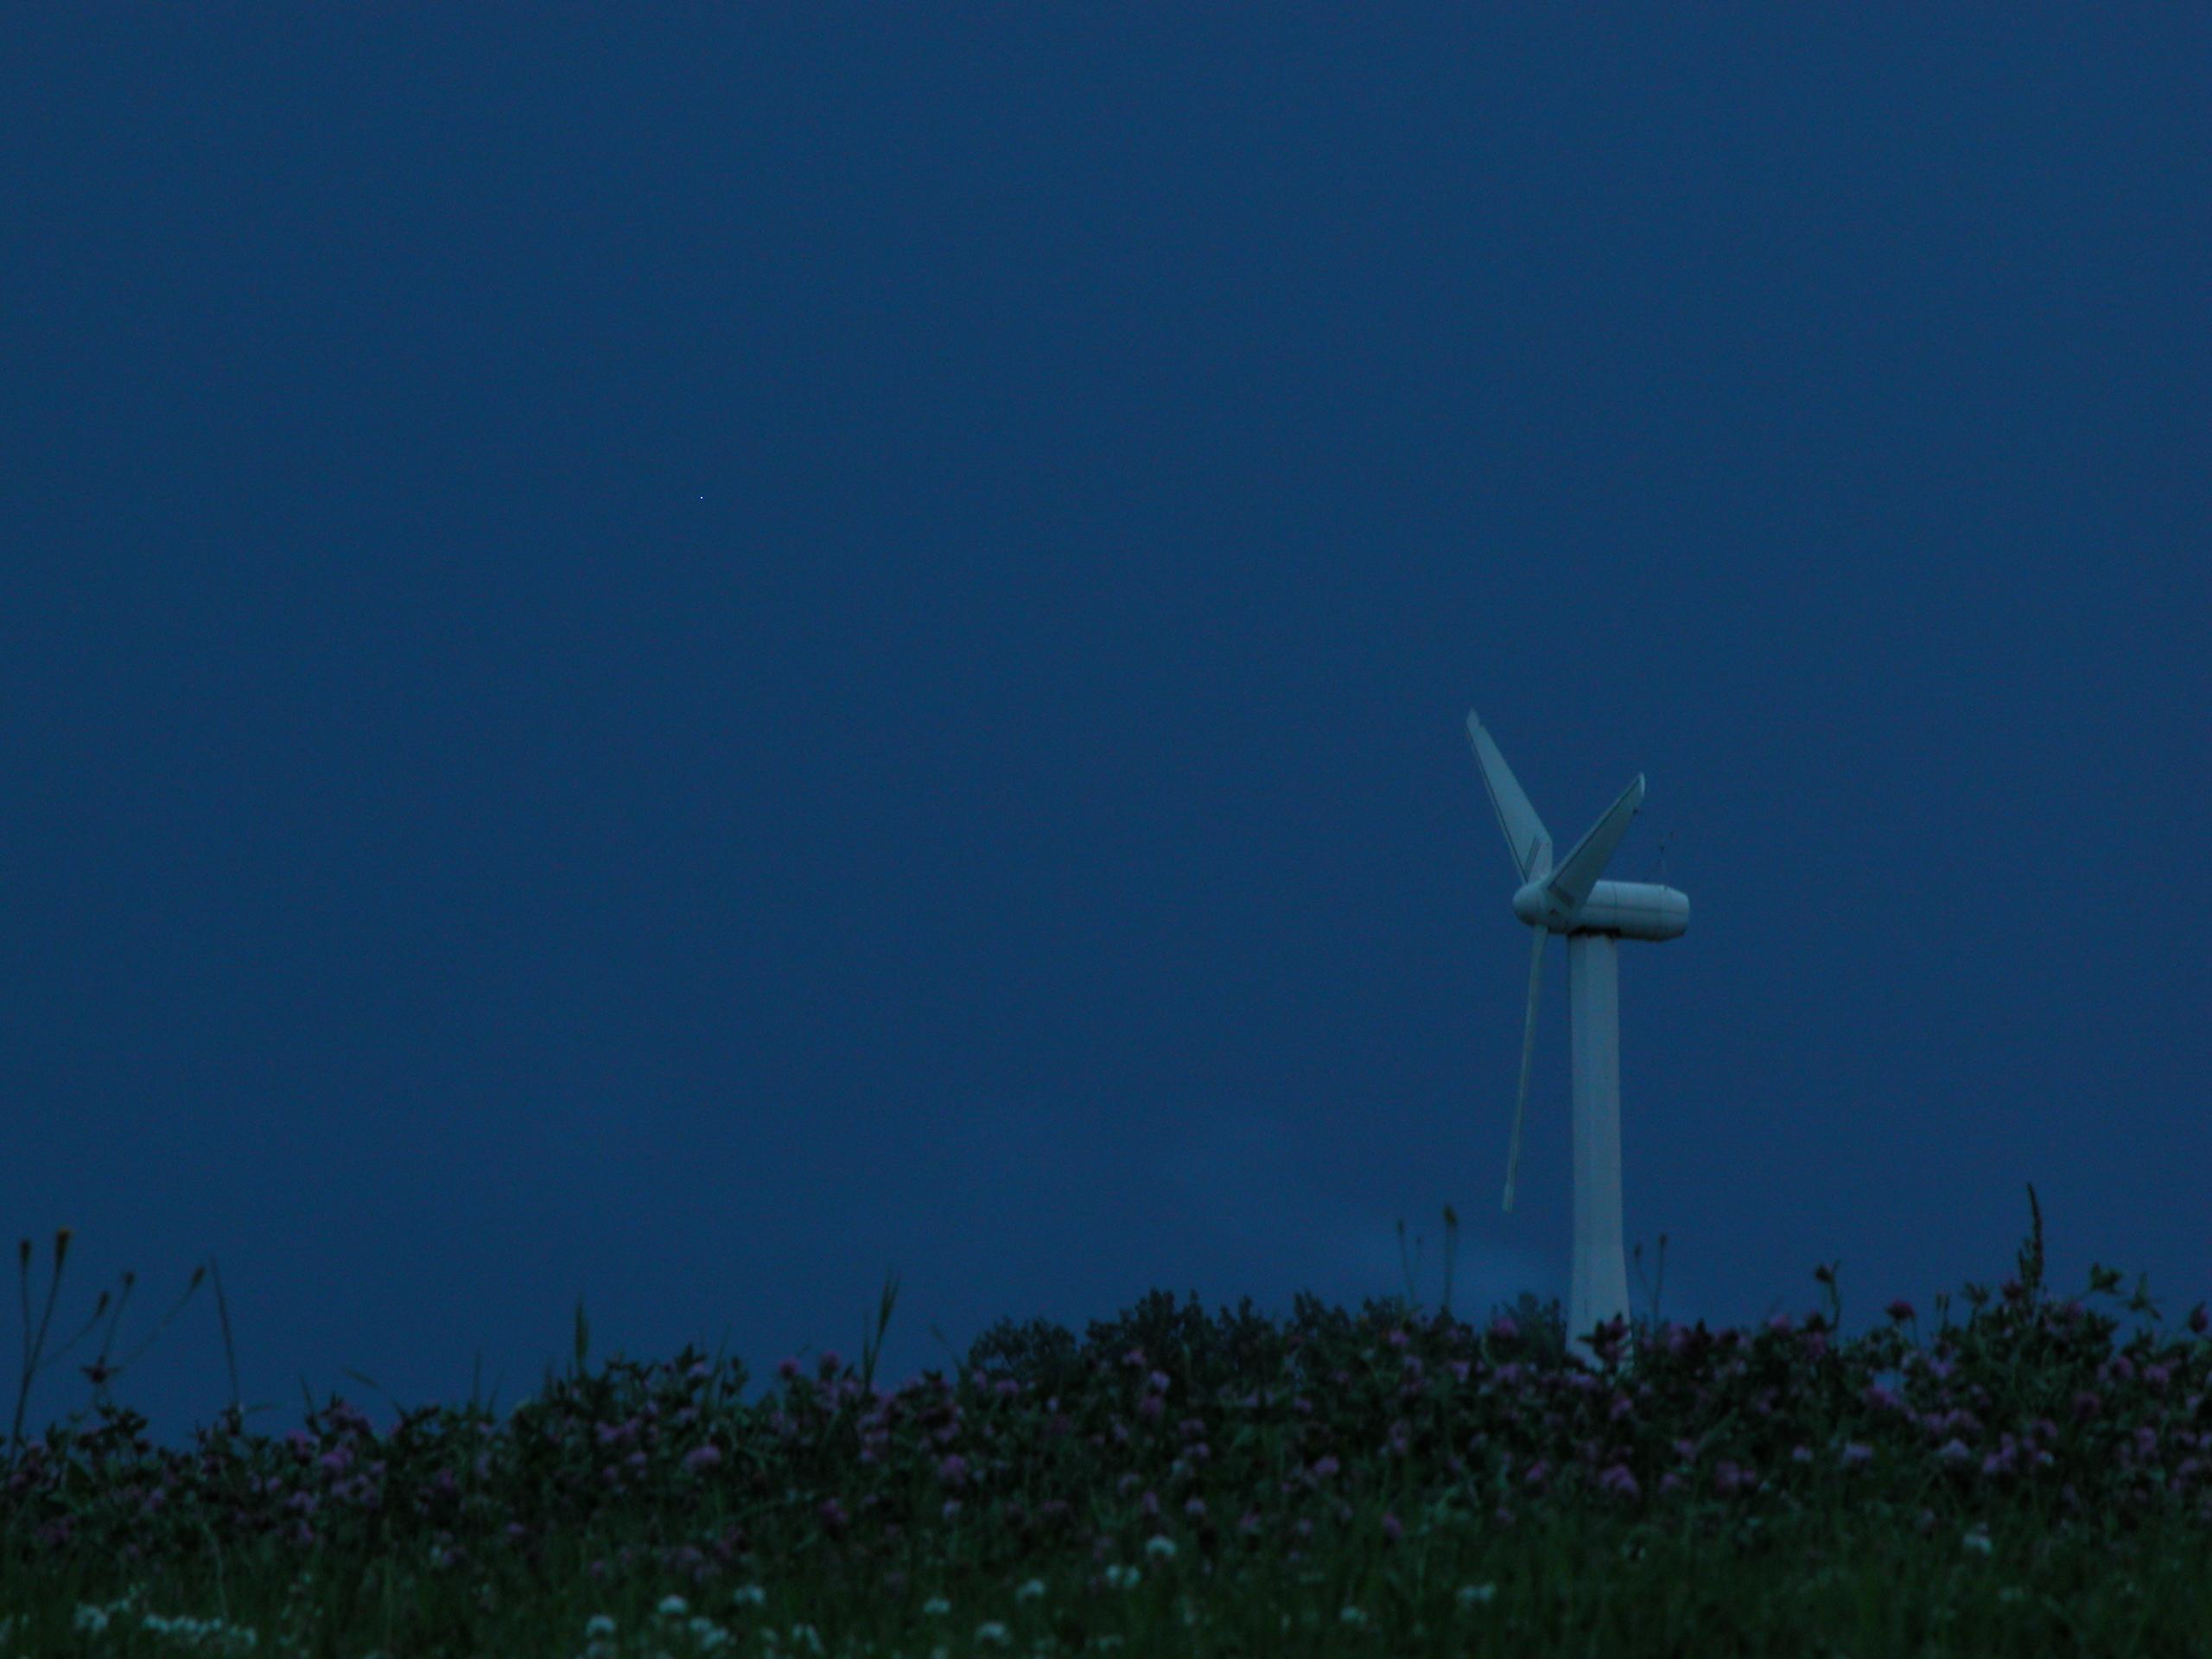 dark sky night dark star stars blue darkblue windmill fan electric